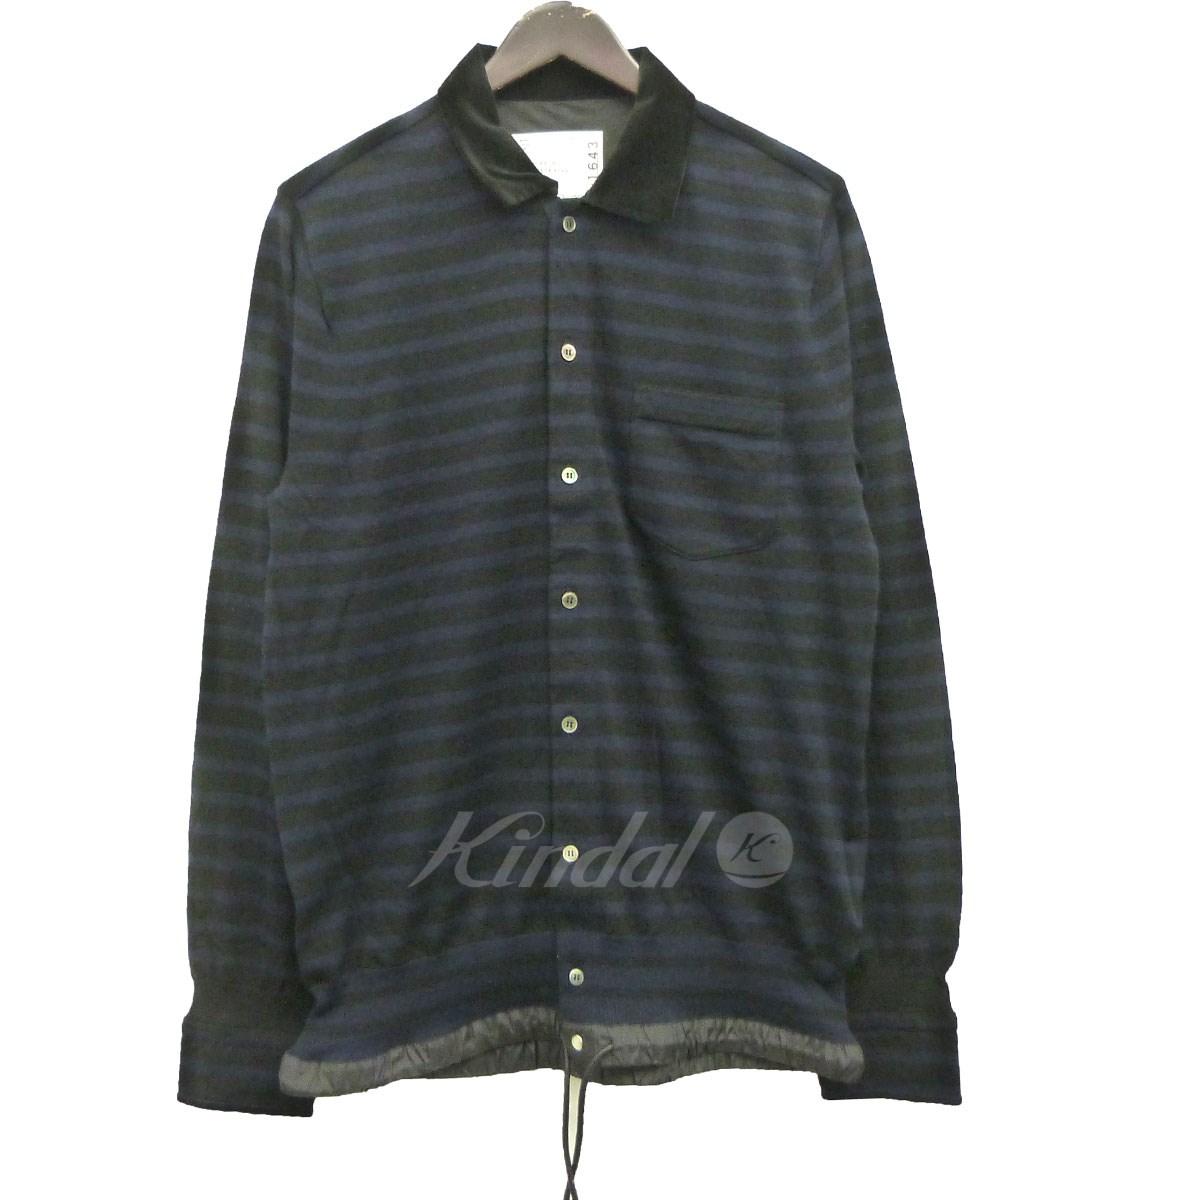 【10月22日 お値段見直しました】【中古】sacai18SSドローコード付ボーダーシャツ ブラック×ネイビー サイズ:2 【送料無料】